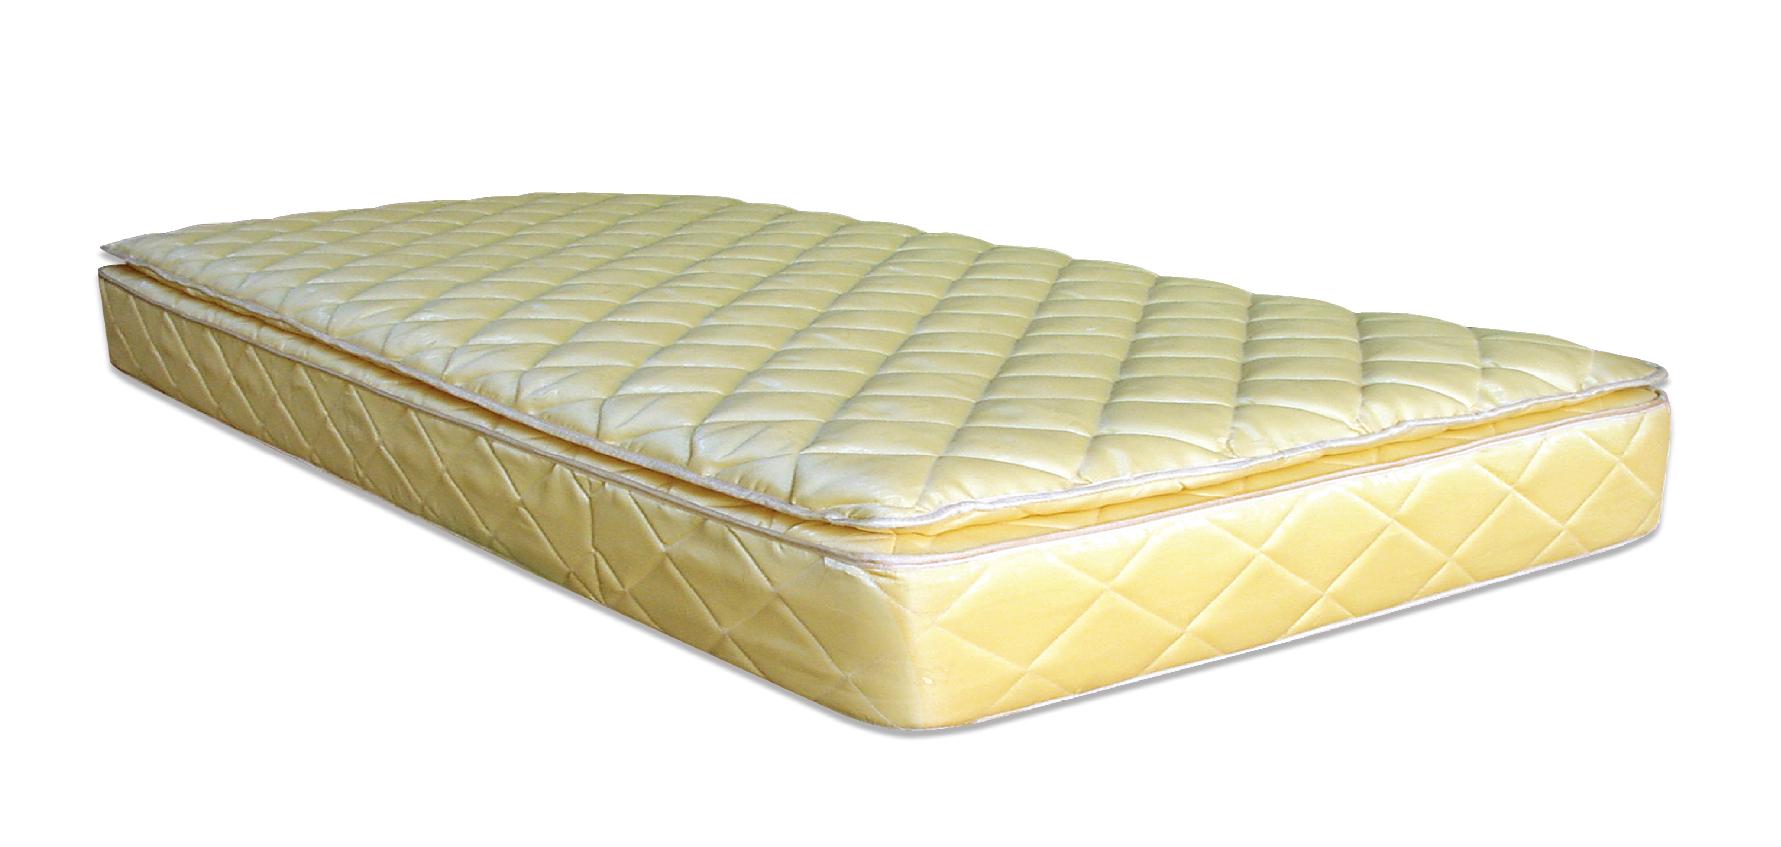 Pillow Top Mattress-Modern, comfort mattress set manufacturers